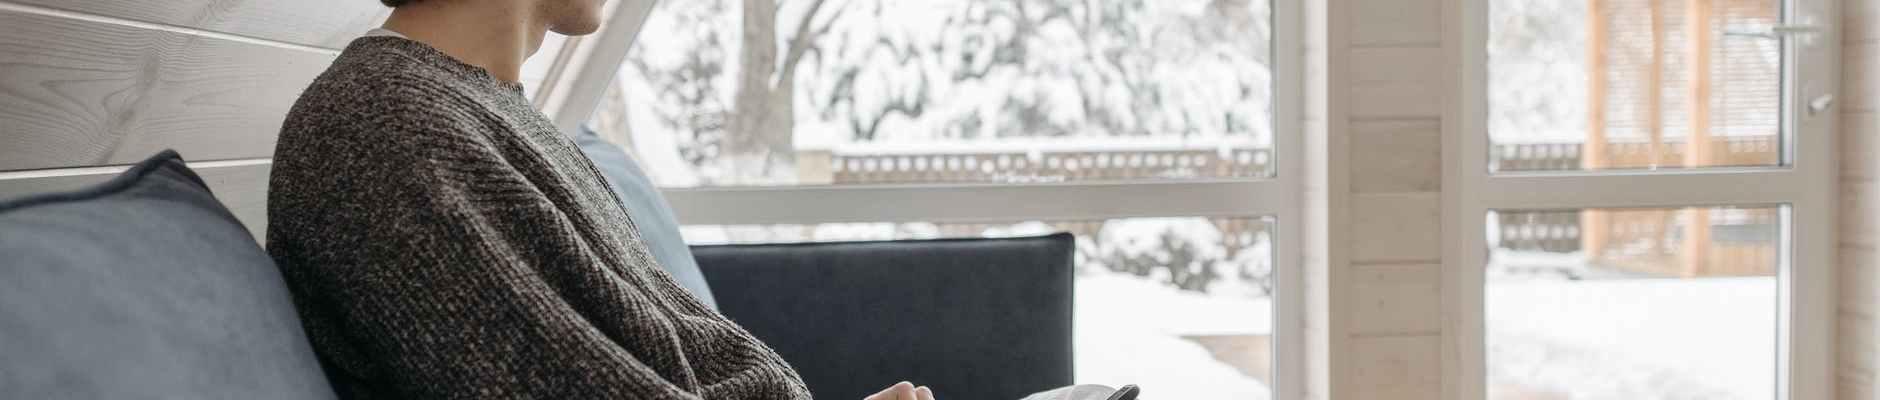 znakovi s izraženom intuicijom, snow man holiday couple